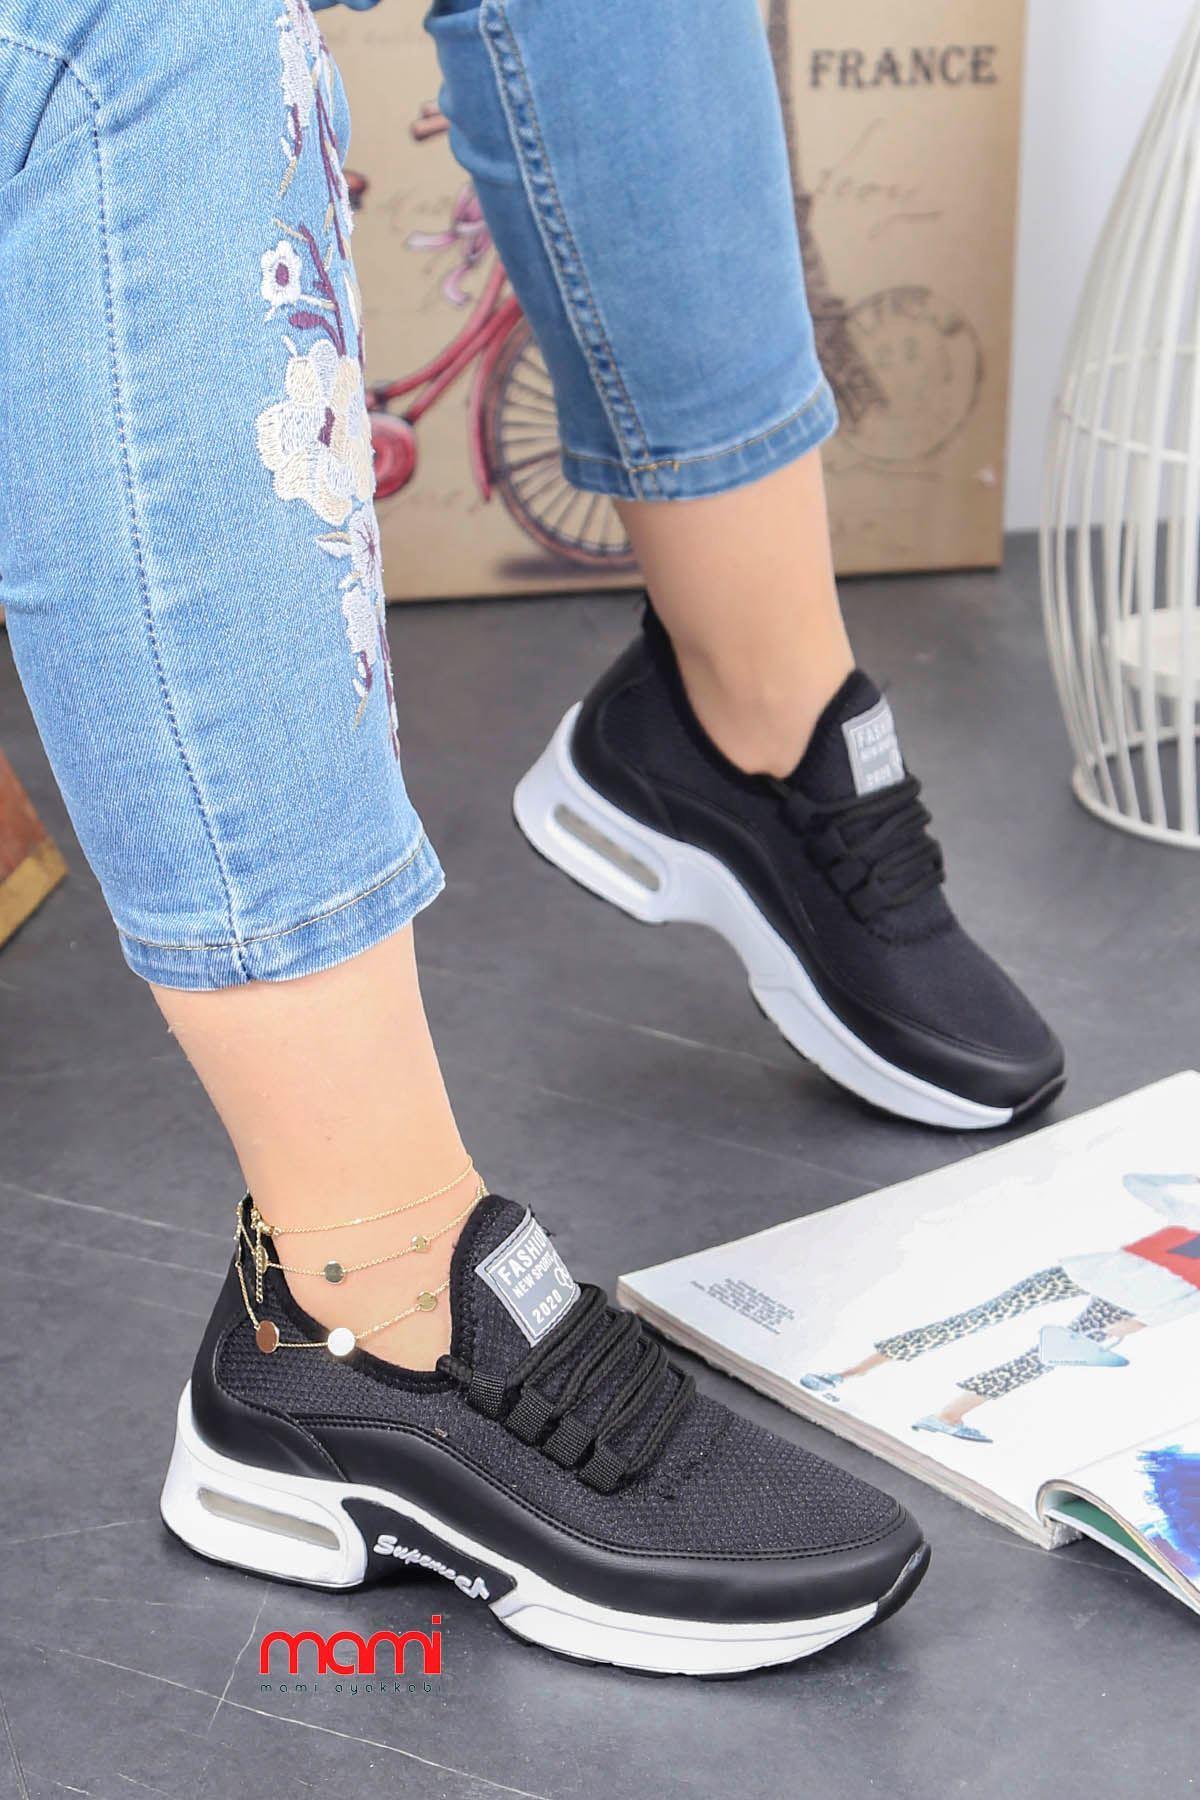 Frm-303 Air Taban Spor Ayakkabı Siyah Anorak